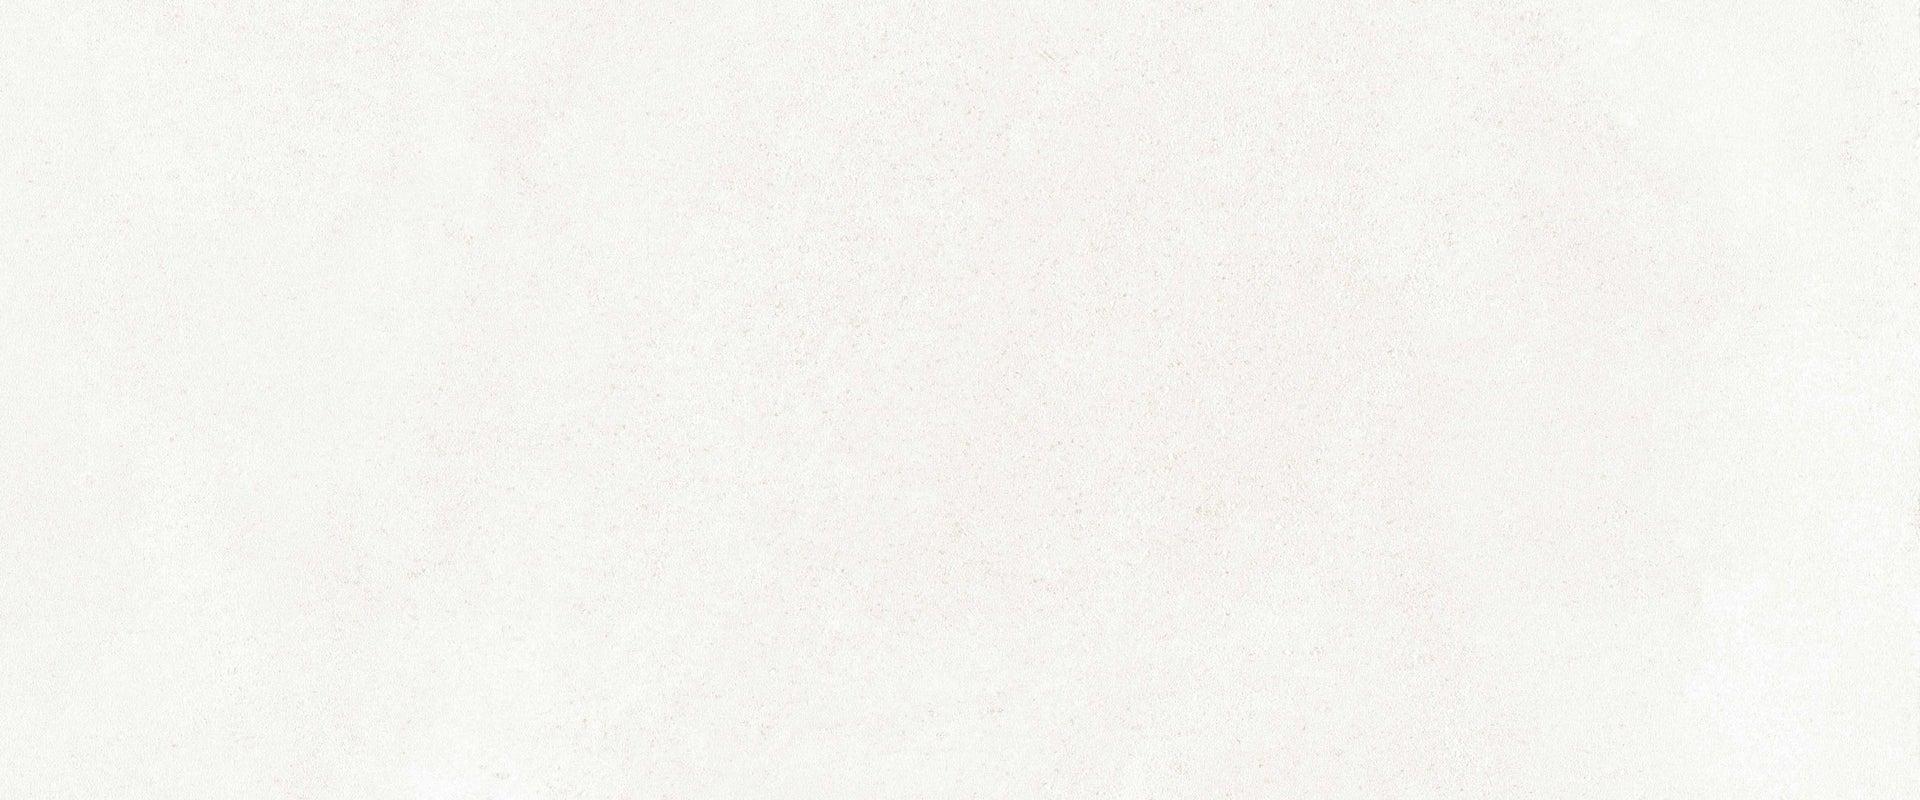 Piastrella per rivestimenti Concrete 25 x 60 cm sp. 8 mm bianco - 4